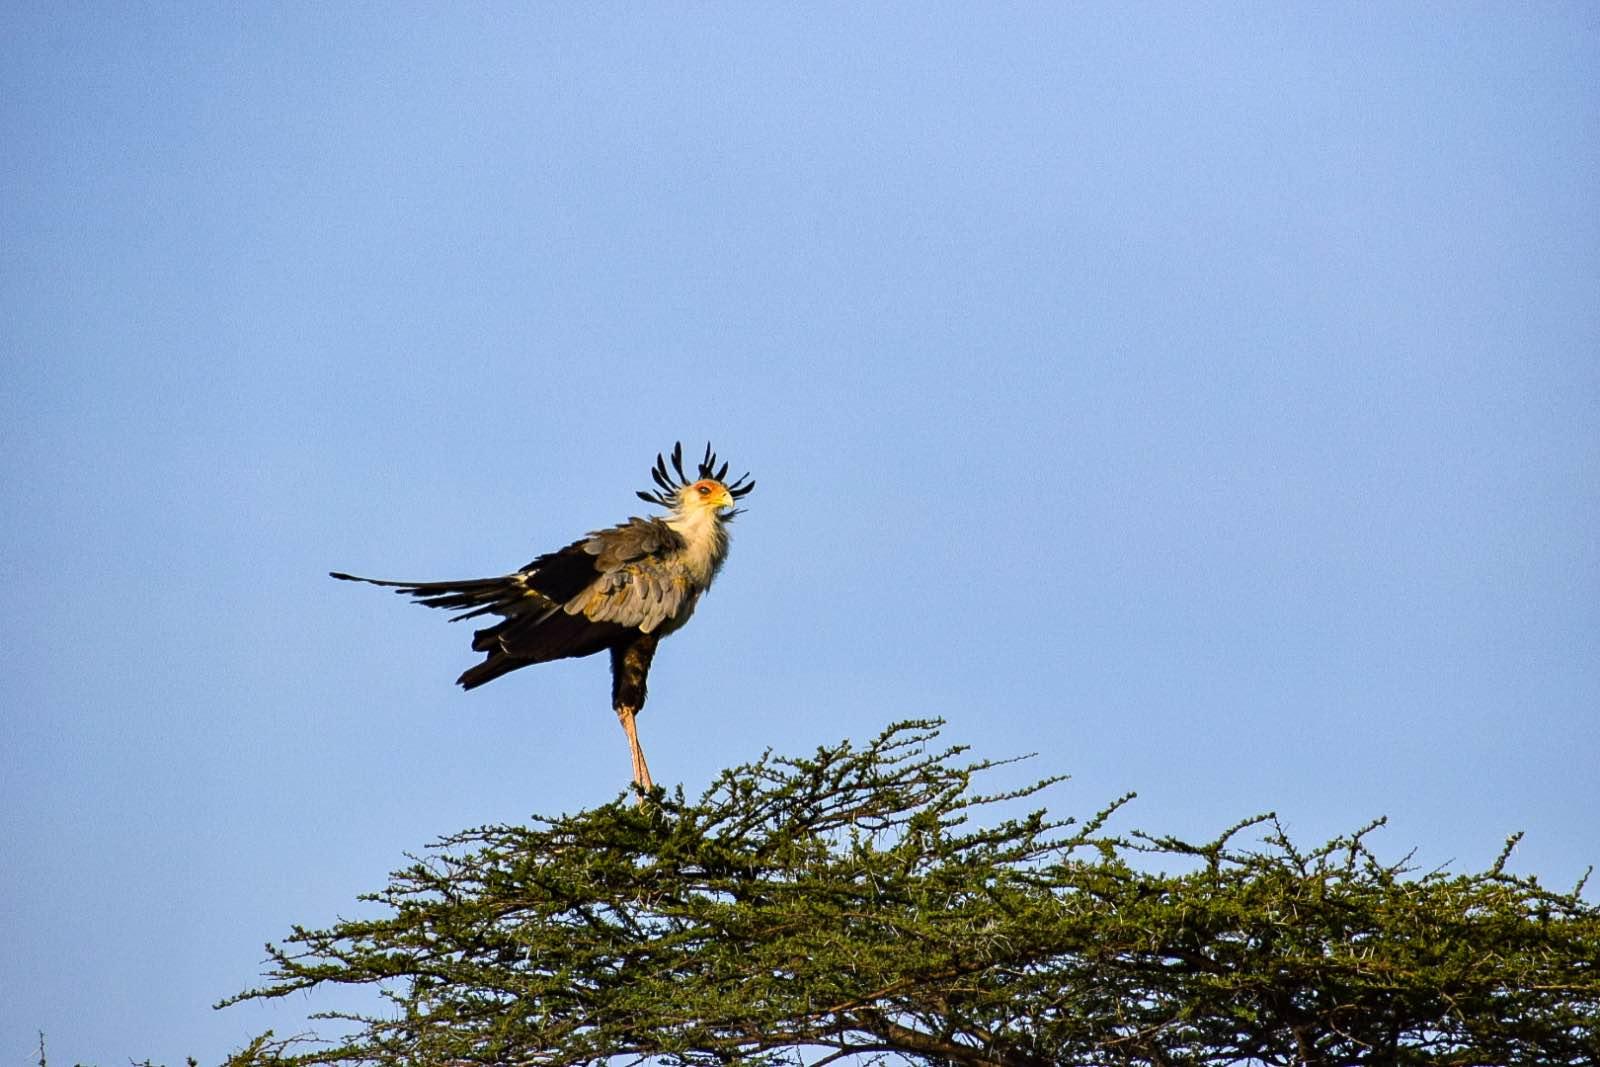 safari in Kenya, Insider info: Michelle's take on her safari in Kenya